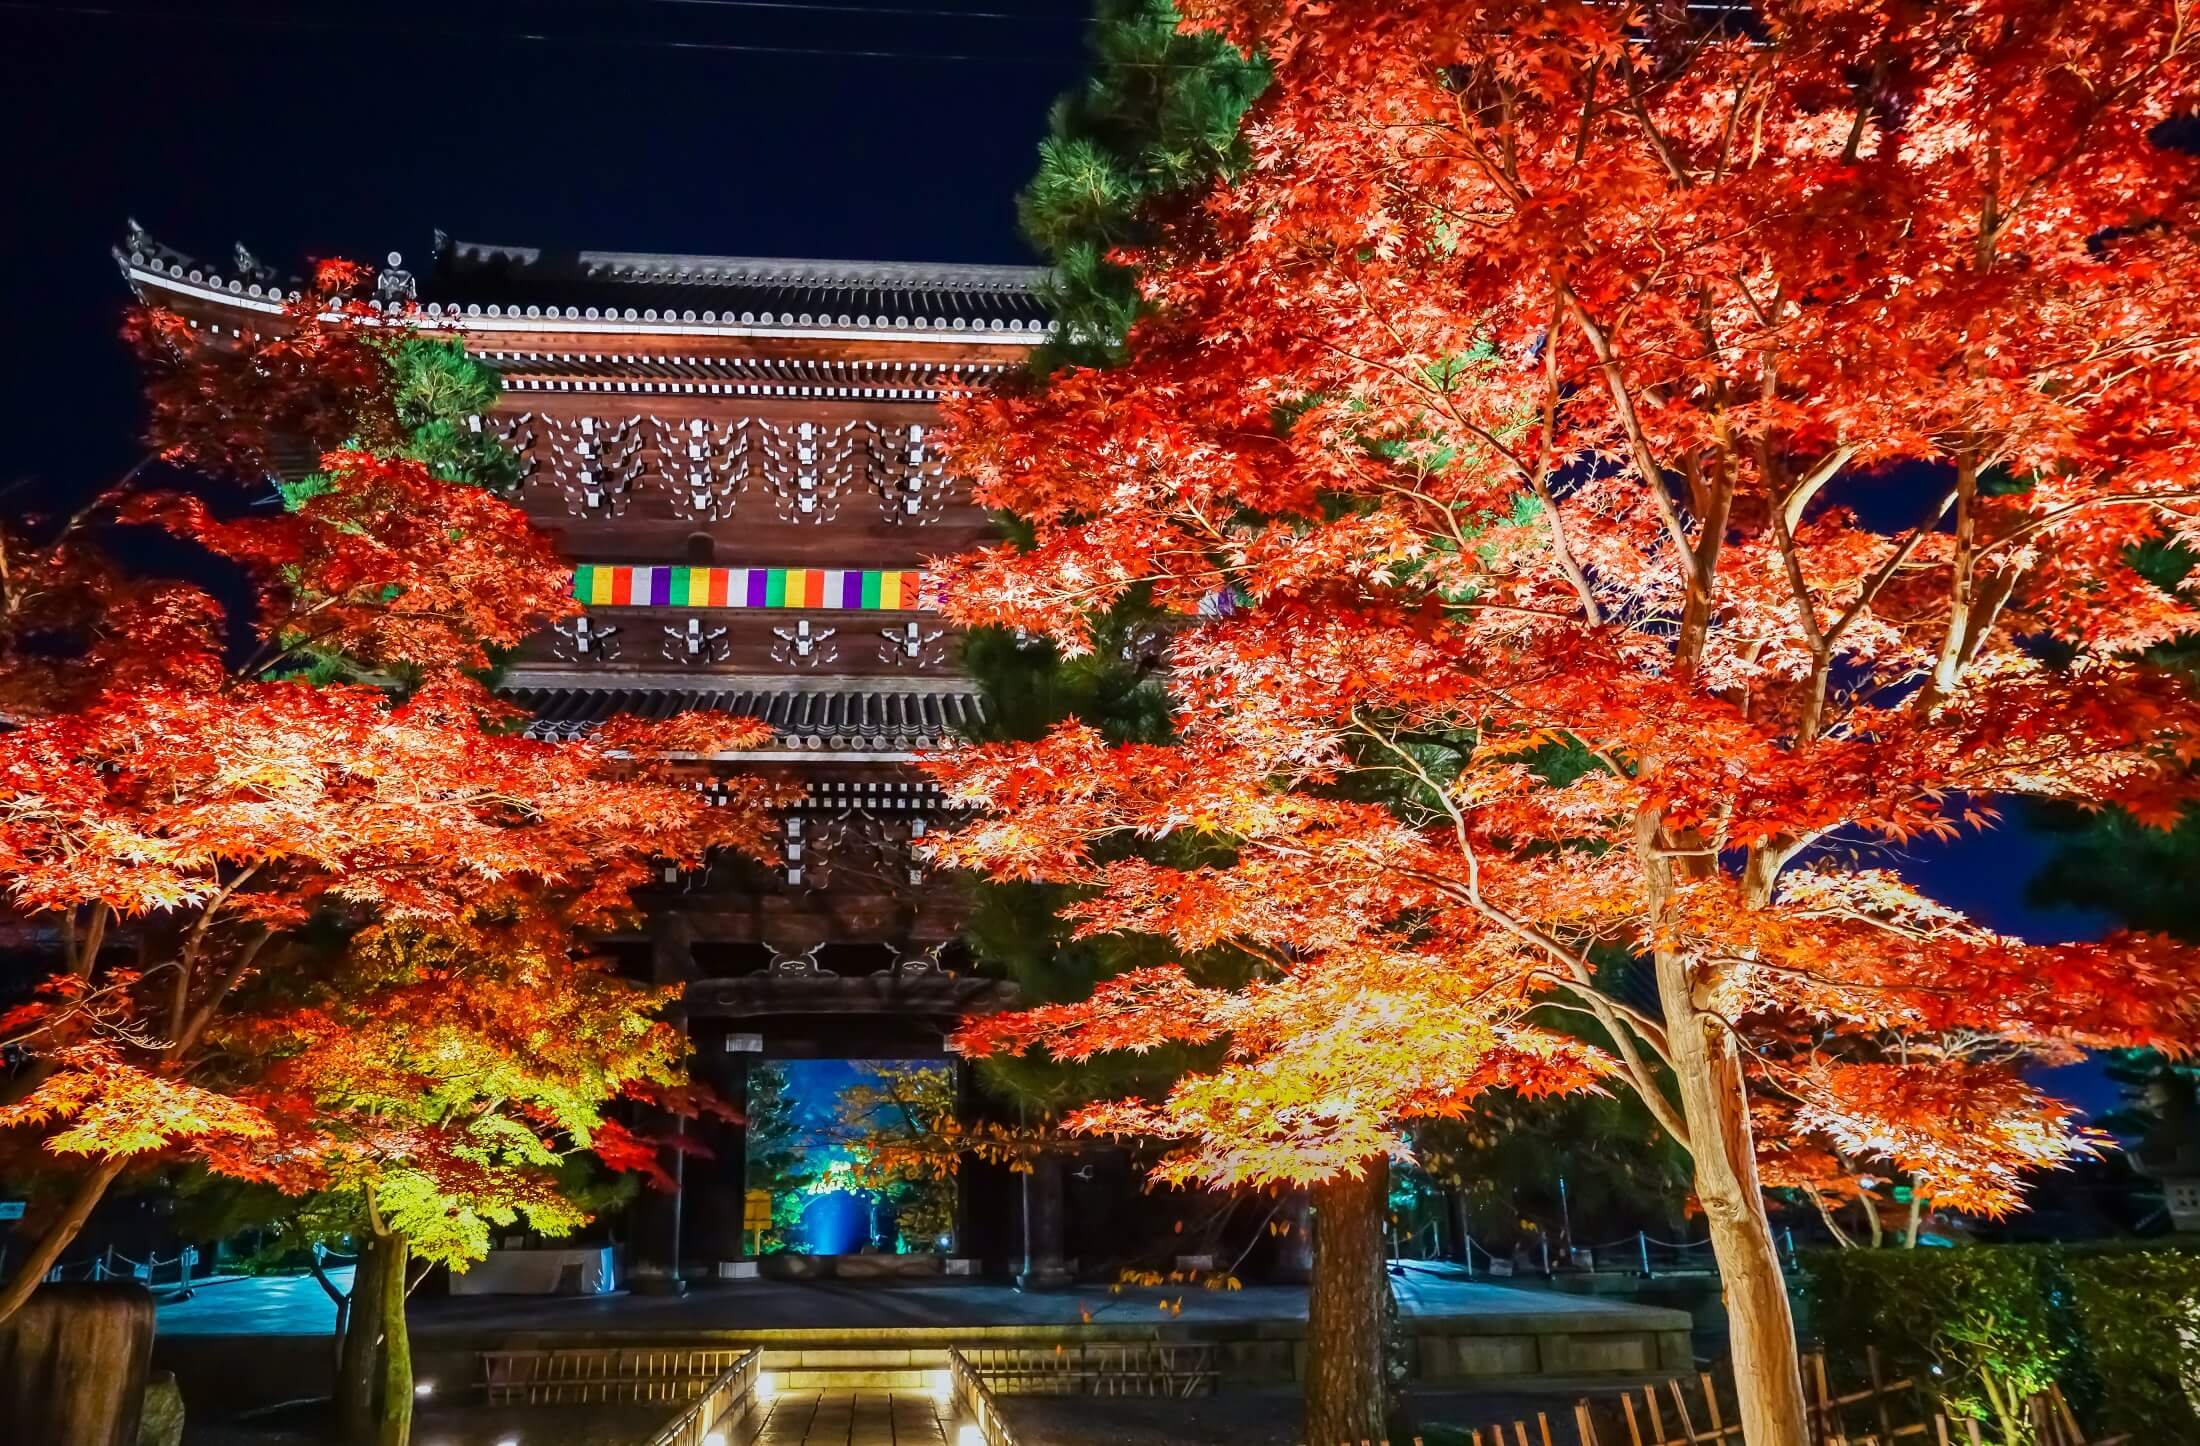 浄土宗 大本山 金戒光明寺 京都 Kyoto sightseeing 5